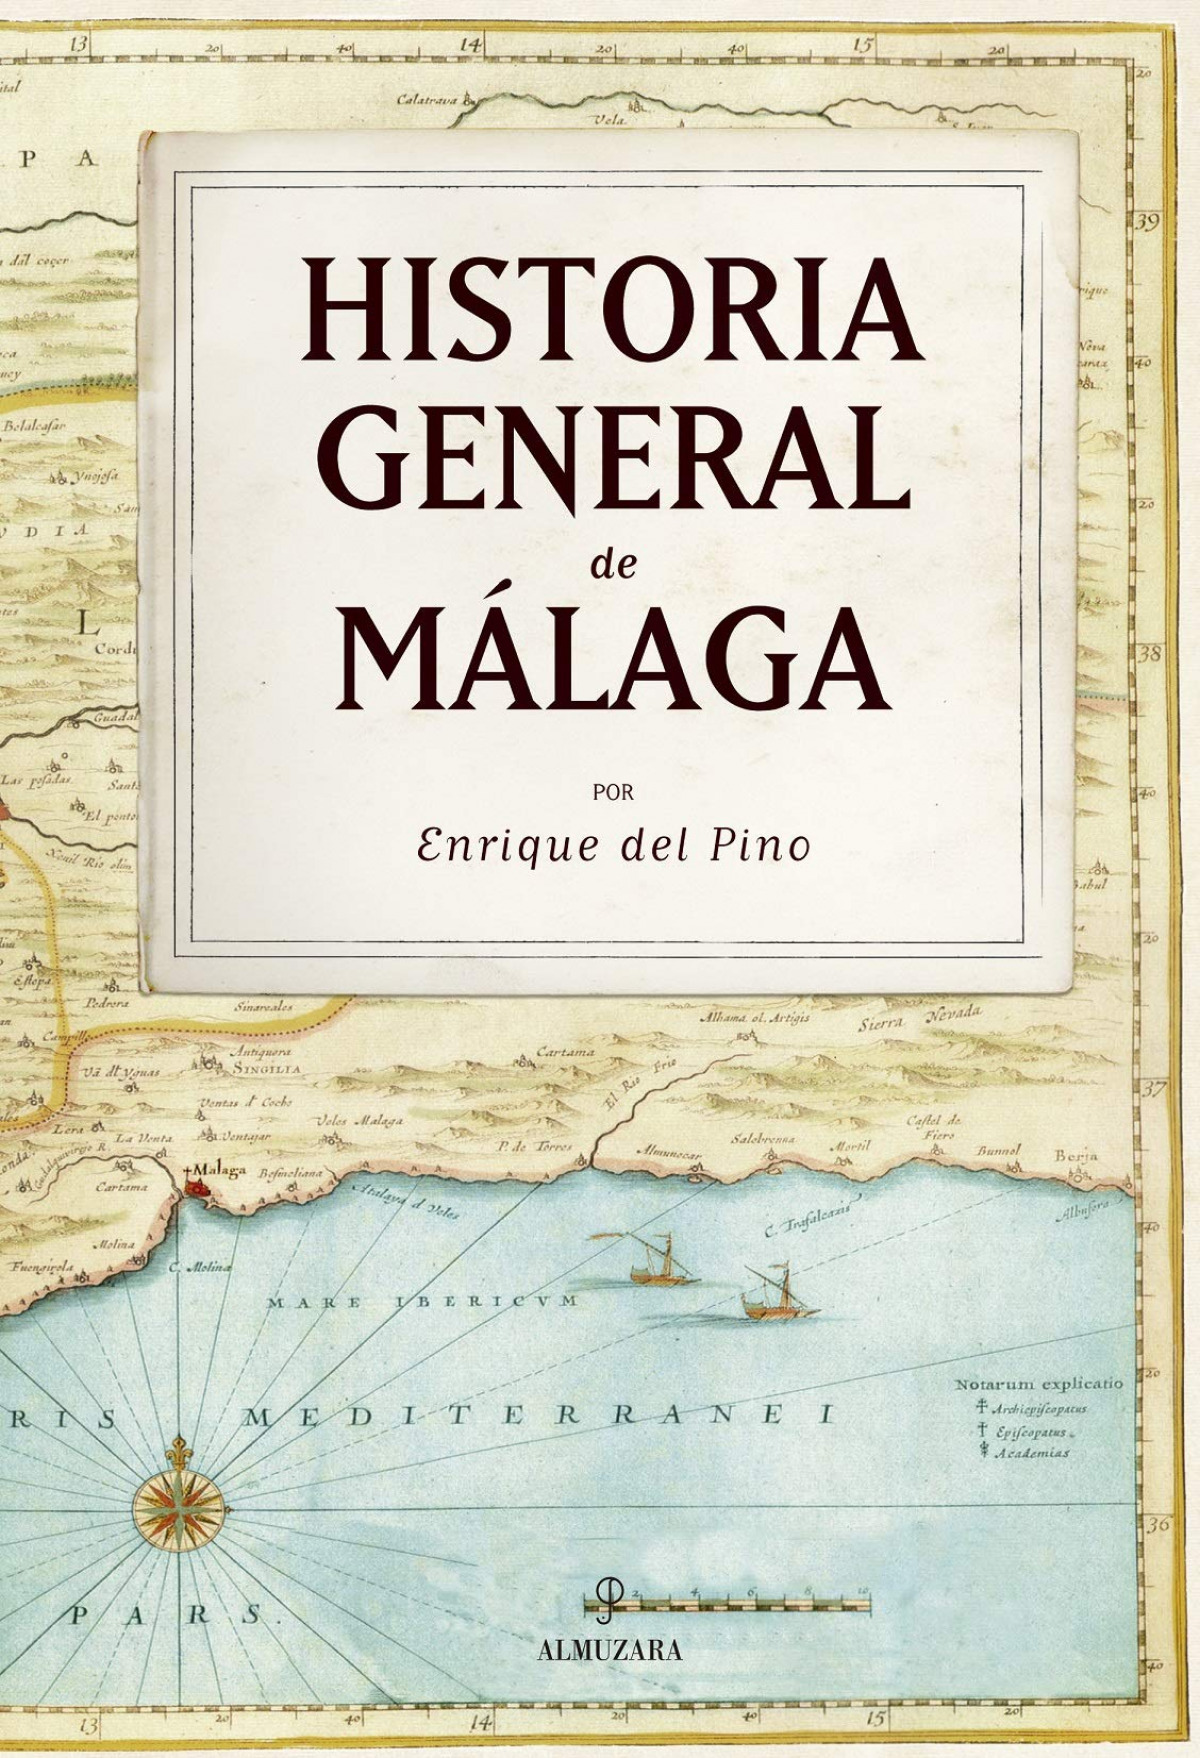 HISTORIA GENERAL DE MÁLAGA (N.E.)